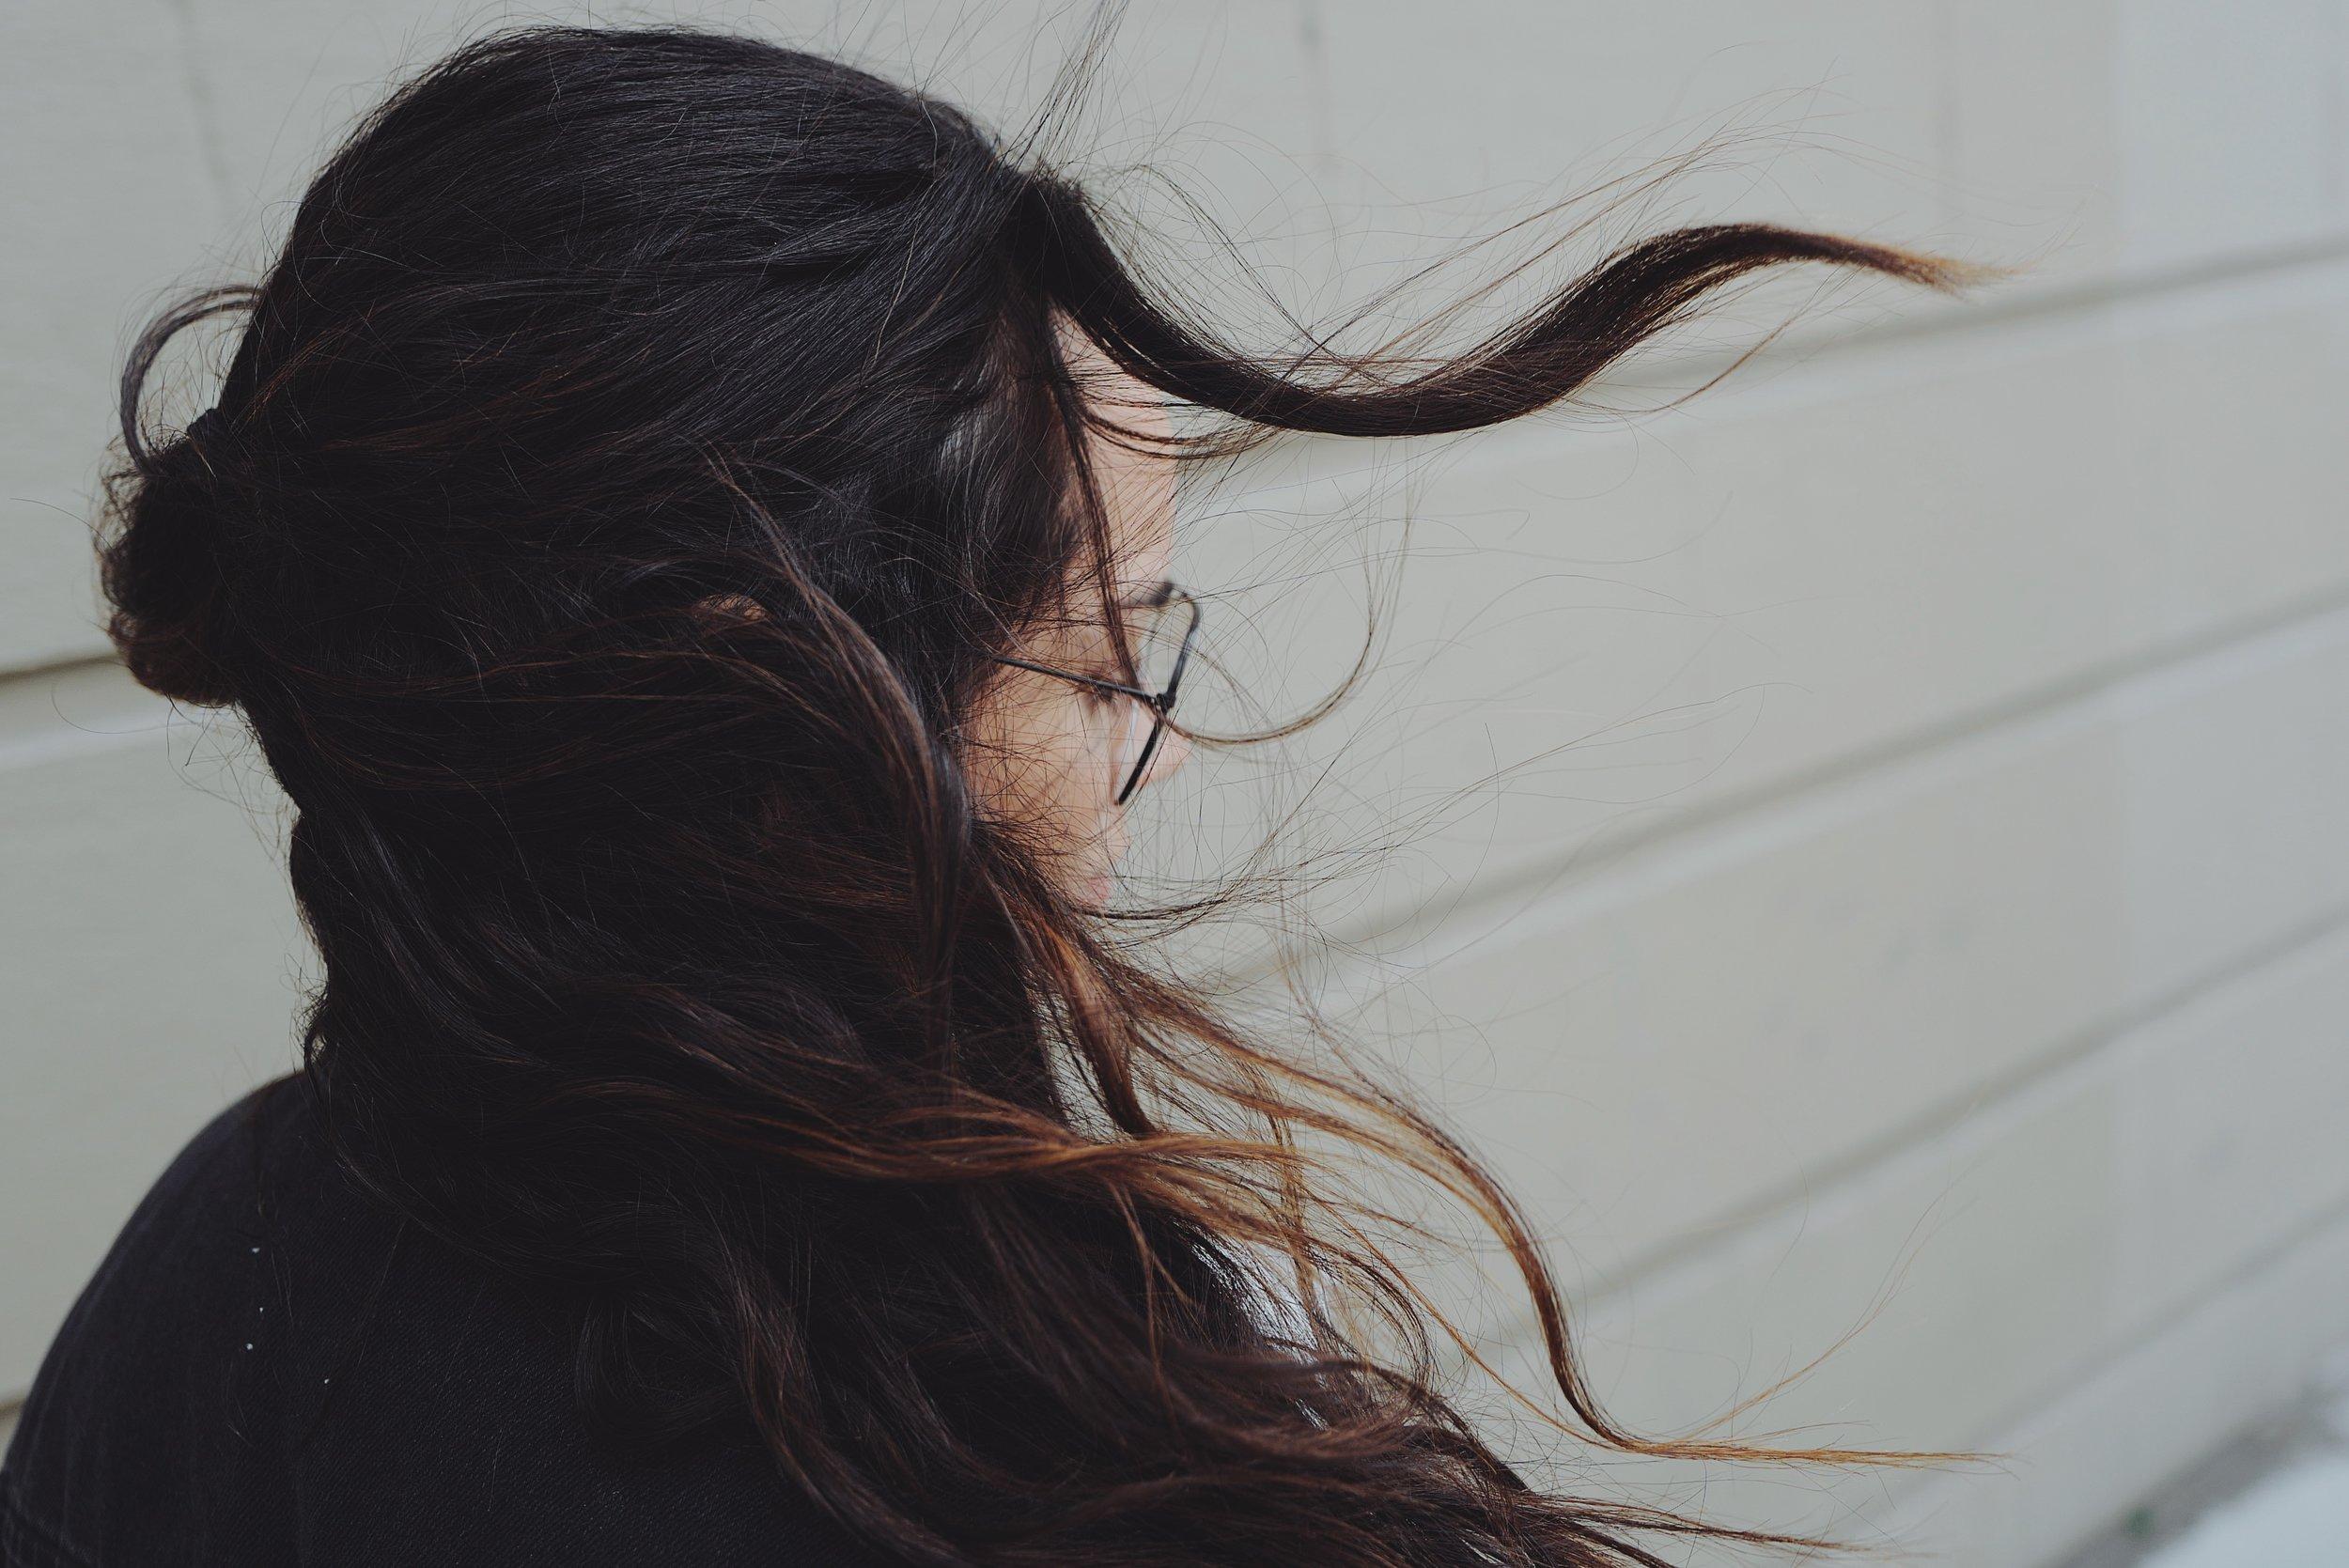 """Hairstyling - Von leichten Wellen bis zum Updo… dein Hairstyle sollte dich frisch, sexy, elegant oder glamourös aussehen lassen und auf keinen Fall alt und streng! Er muss zu deinem Stil passen und gleichzeitig zum Anlass. Hierzu kannst du gerne Inspirationen suchen und diese mitbringen. Wir suchen dann zusammen aus, was für dich das Beste ist.Eine """"leichte Hochsteckfrisur"""" gibt es nicht, die sehen nur so aus. Auch hier ist es wie beim Make-up, je nach Haarlänge, Volumen, Aufwand und Sonderwünschen werden wir mehr oder weniger Zeit benötigen.Preise:Blow Dry Express ca. 20 Min. 25 €Beach Waves, Locken & Sleek ca. 30 Min. 35€Up Do I ca. 45 Min. 50€Up Do II ca. 60 Min. 65€Good to know: bitte wasche sehr gründlich deine Haare und föhne sie trocken ohne weitere Haarprodukte."""